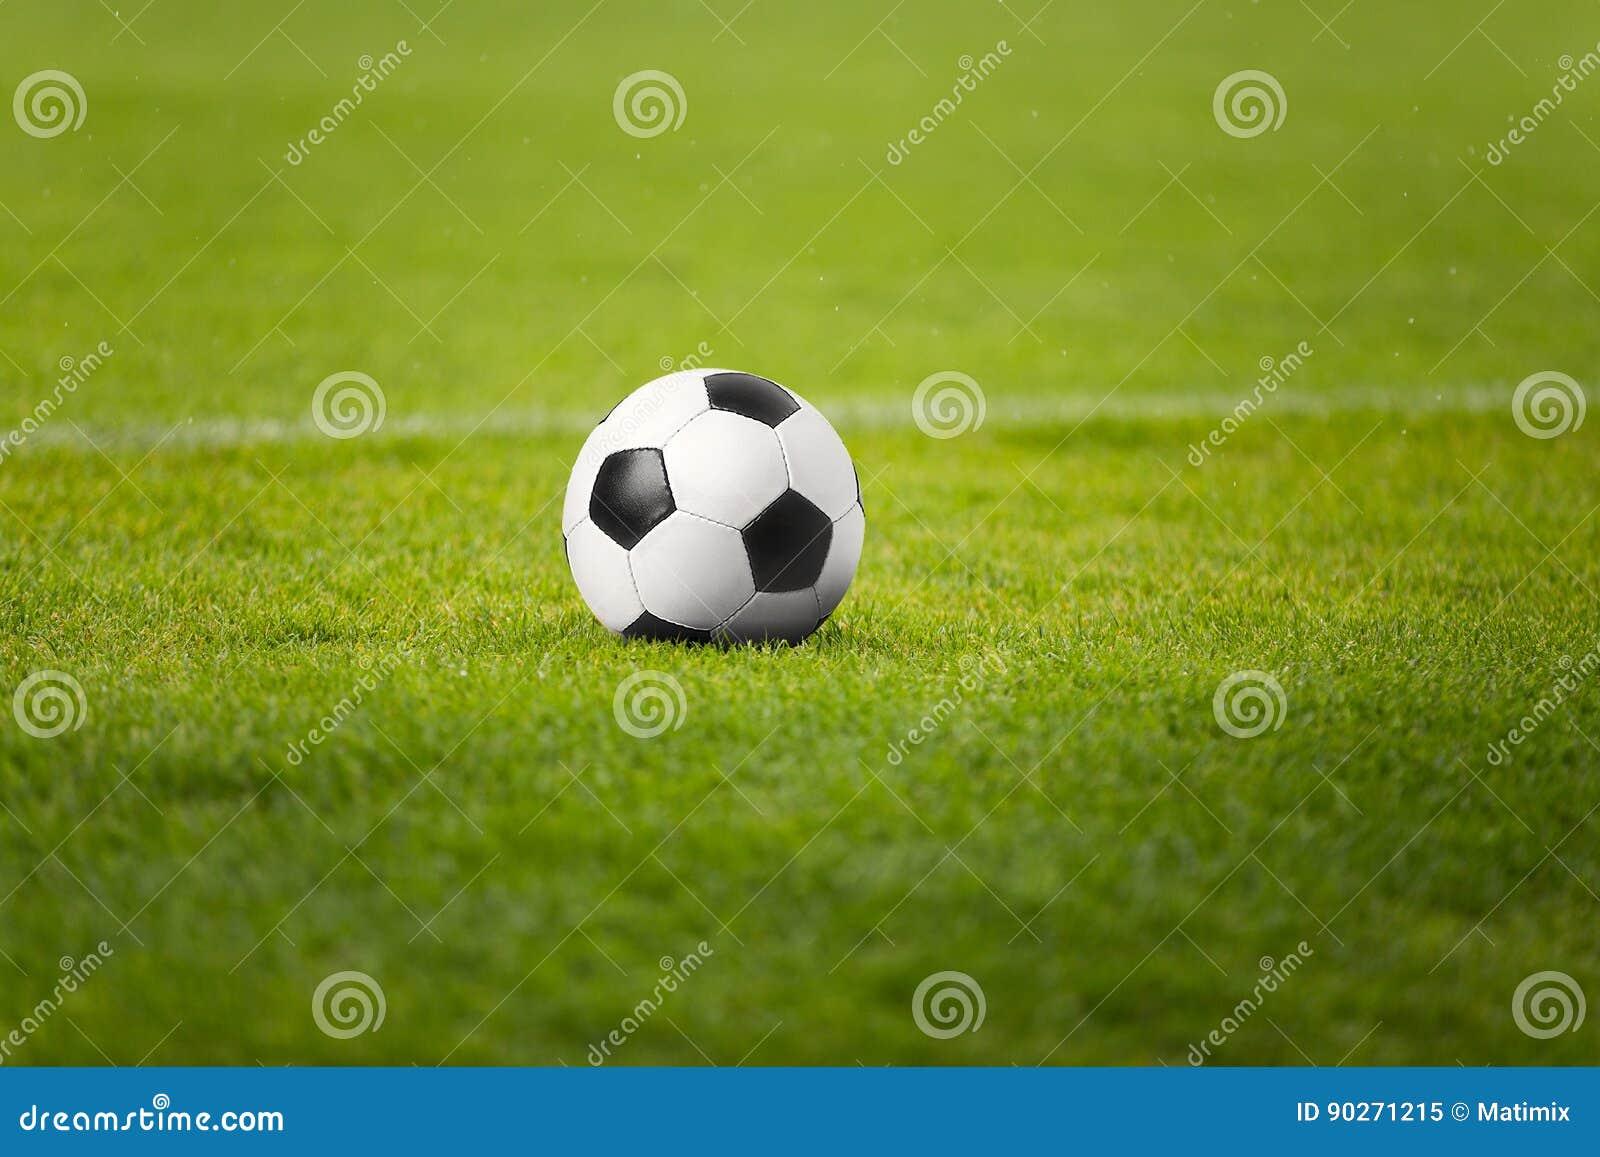 Tappeti Per Bambini Campo Da Calcio : Il pallone da calcio sul campo di verde dello stadio campo da